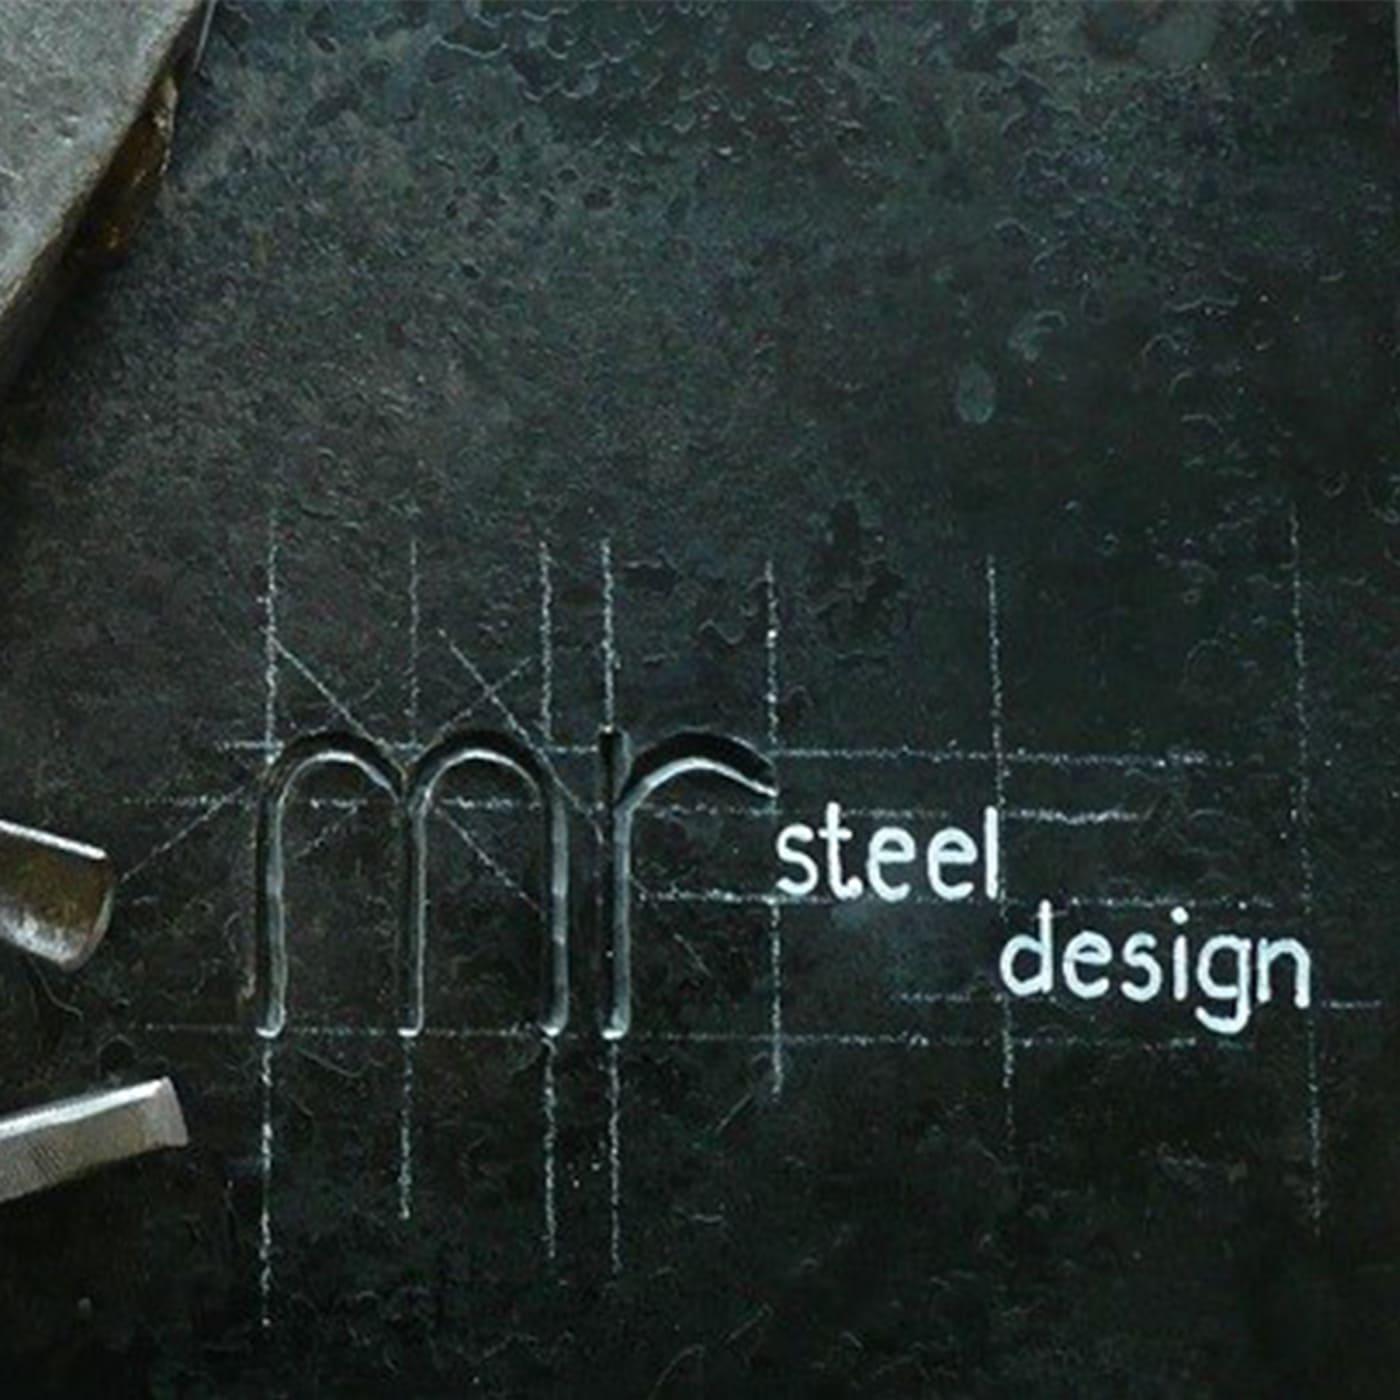 mr steel design - Manfred Rauter